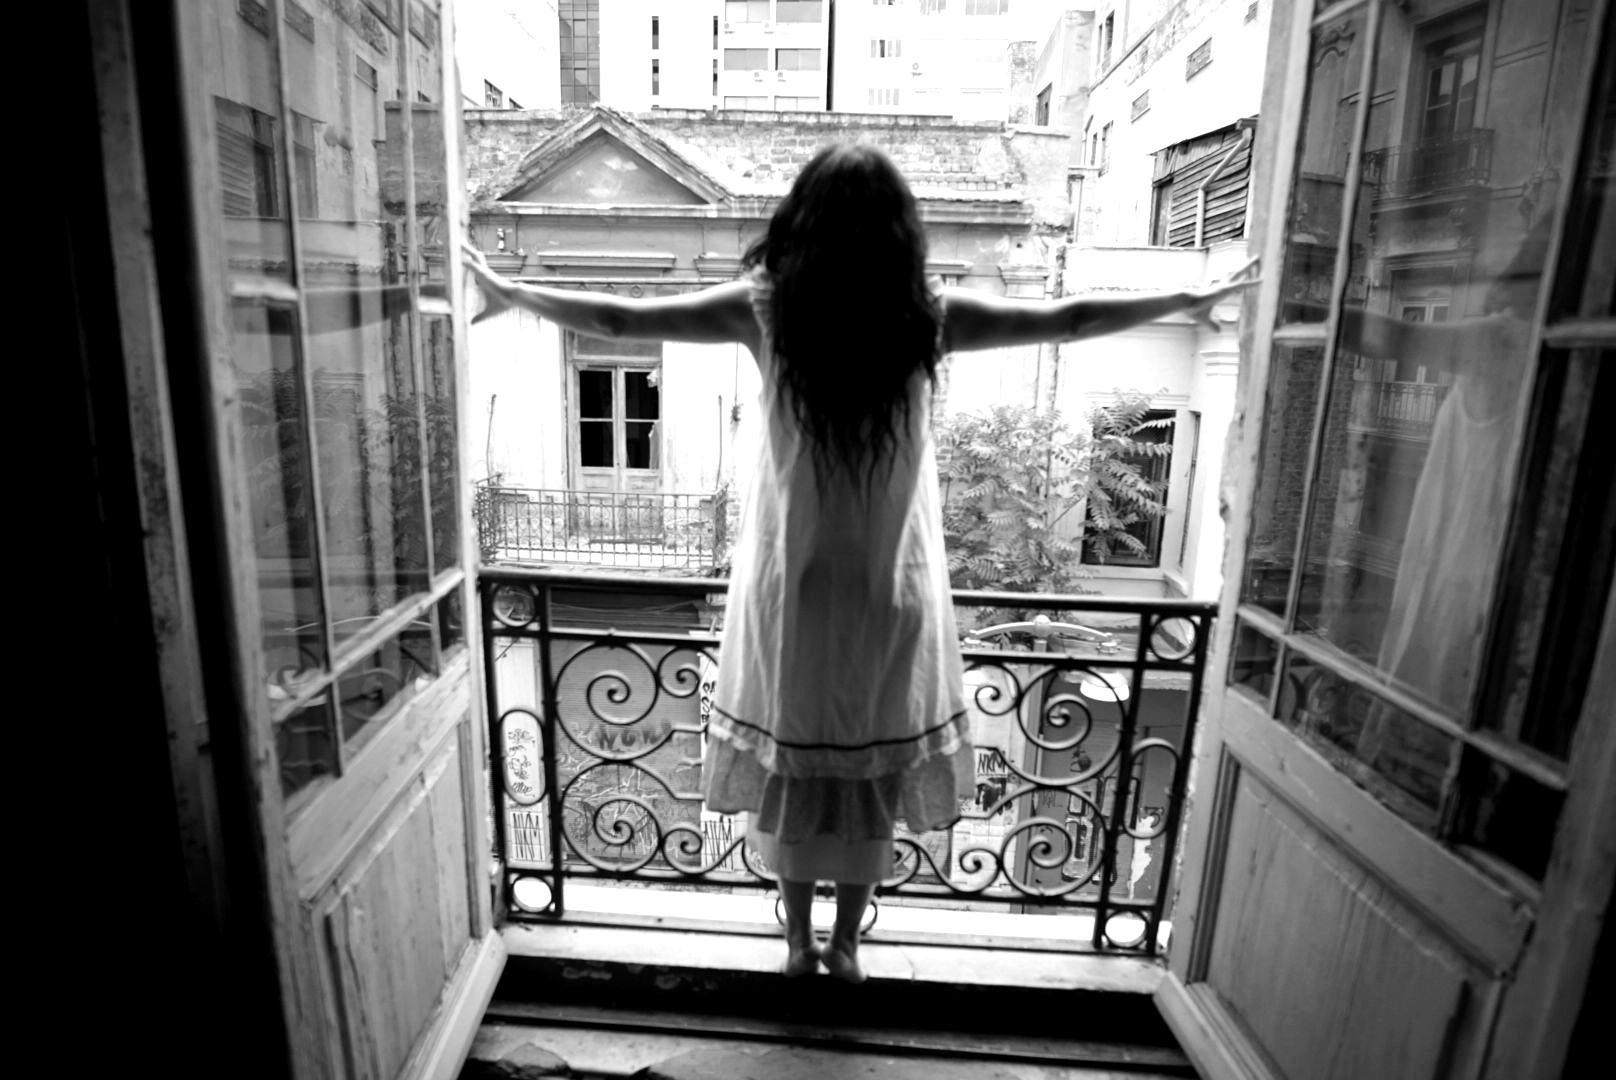 Το κορίτσι μέσα στο σπίτι (Σκοτεινός ερωτικός μονόλογος) *κριτική